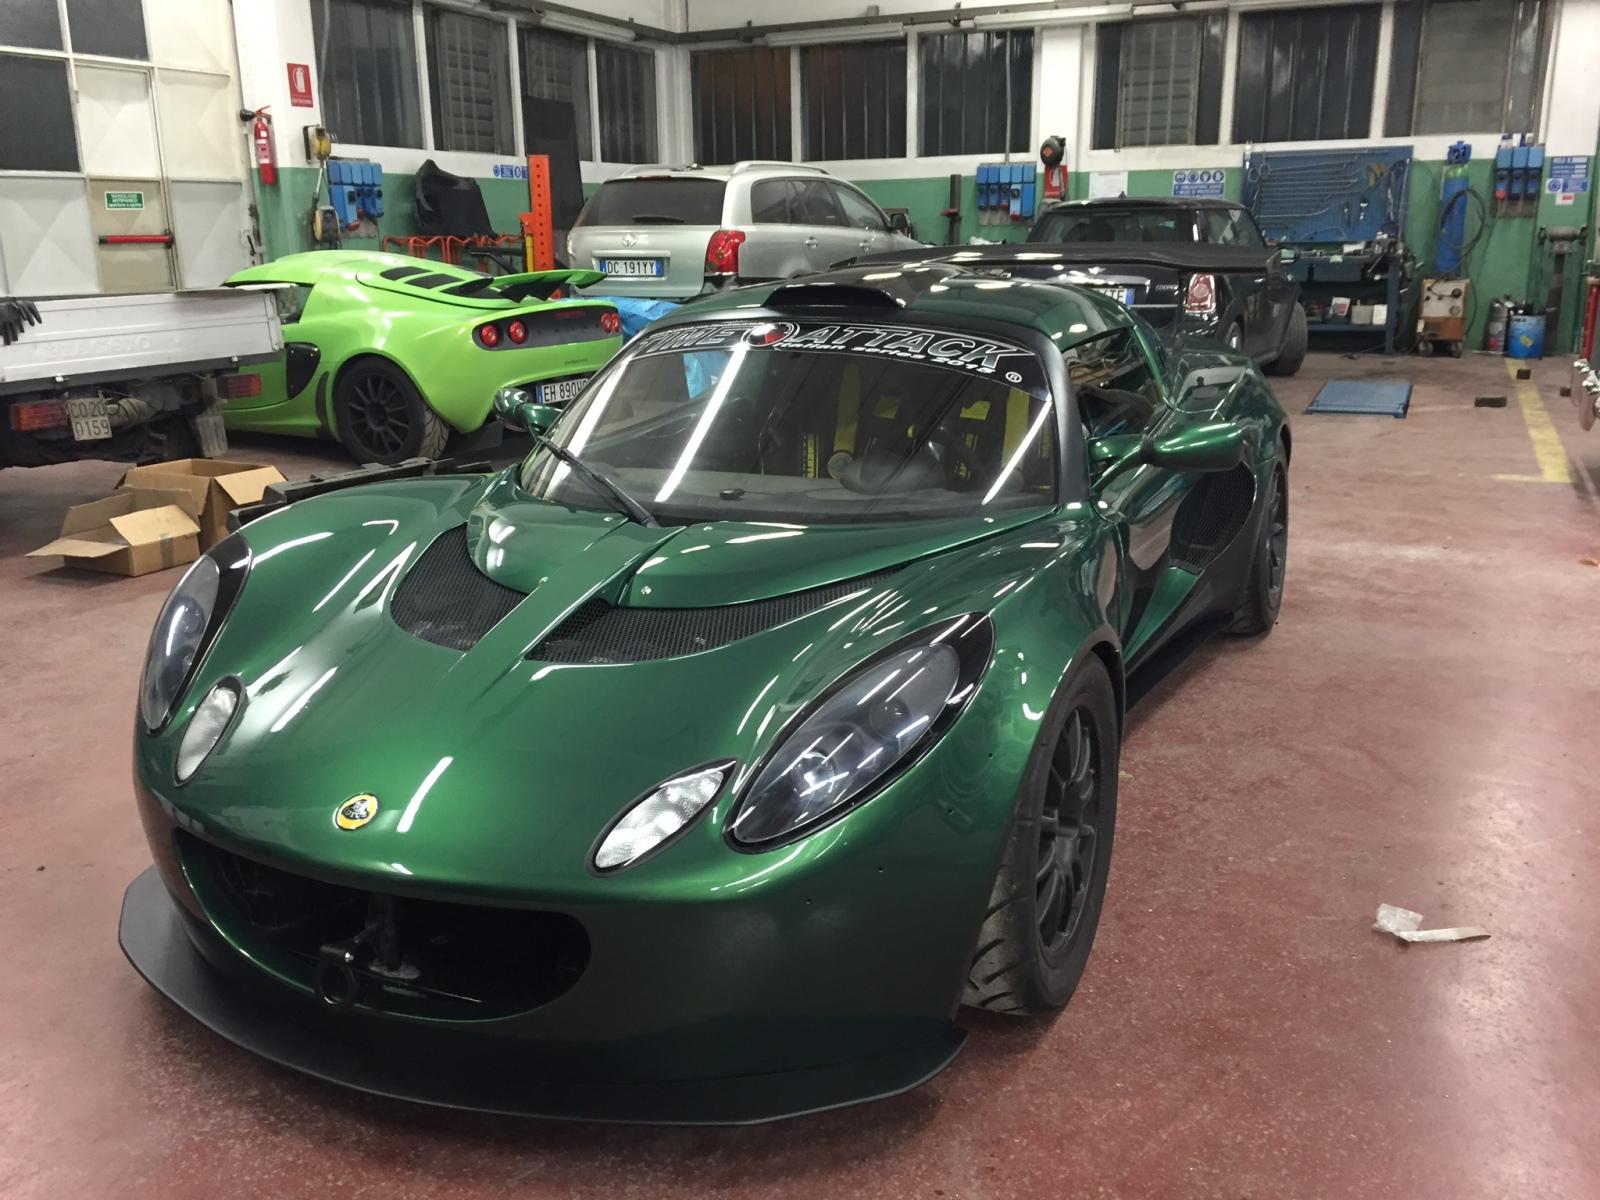 #the Lotus Honda Exige 291njh4